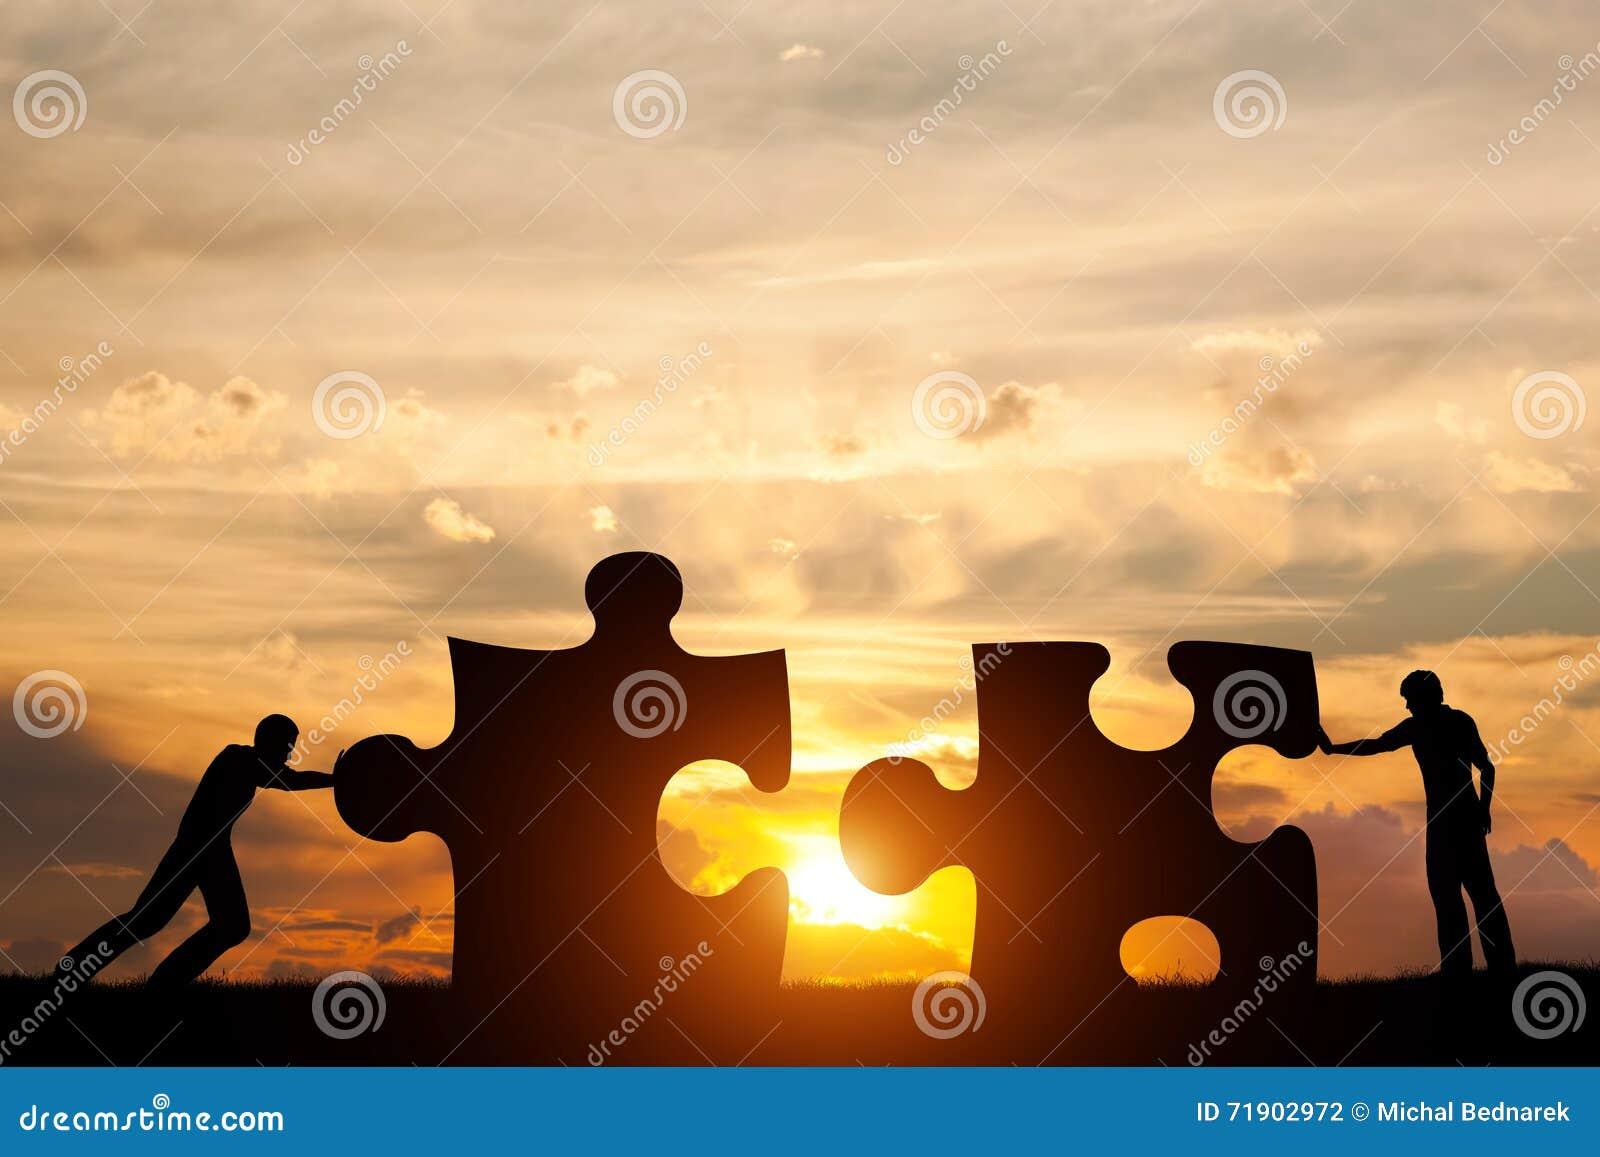 Deux hommes relient deux morceaux de puzzle Concept de solution d affaires, résolvant un problème